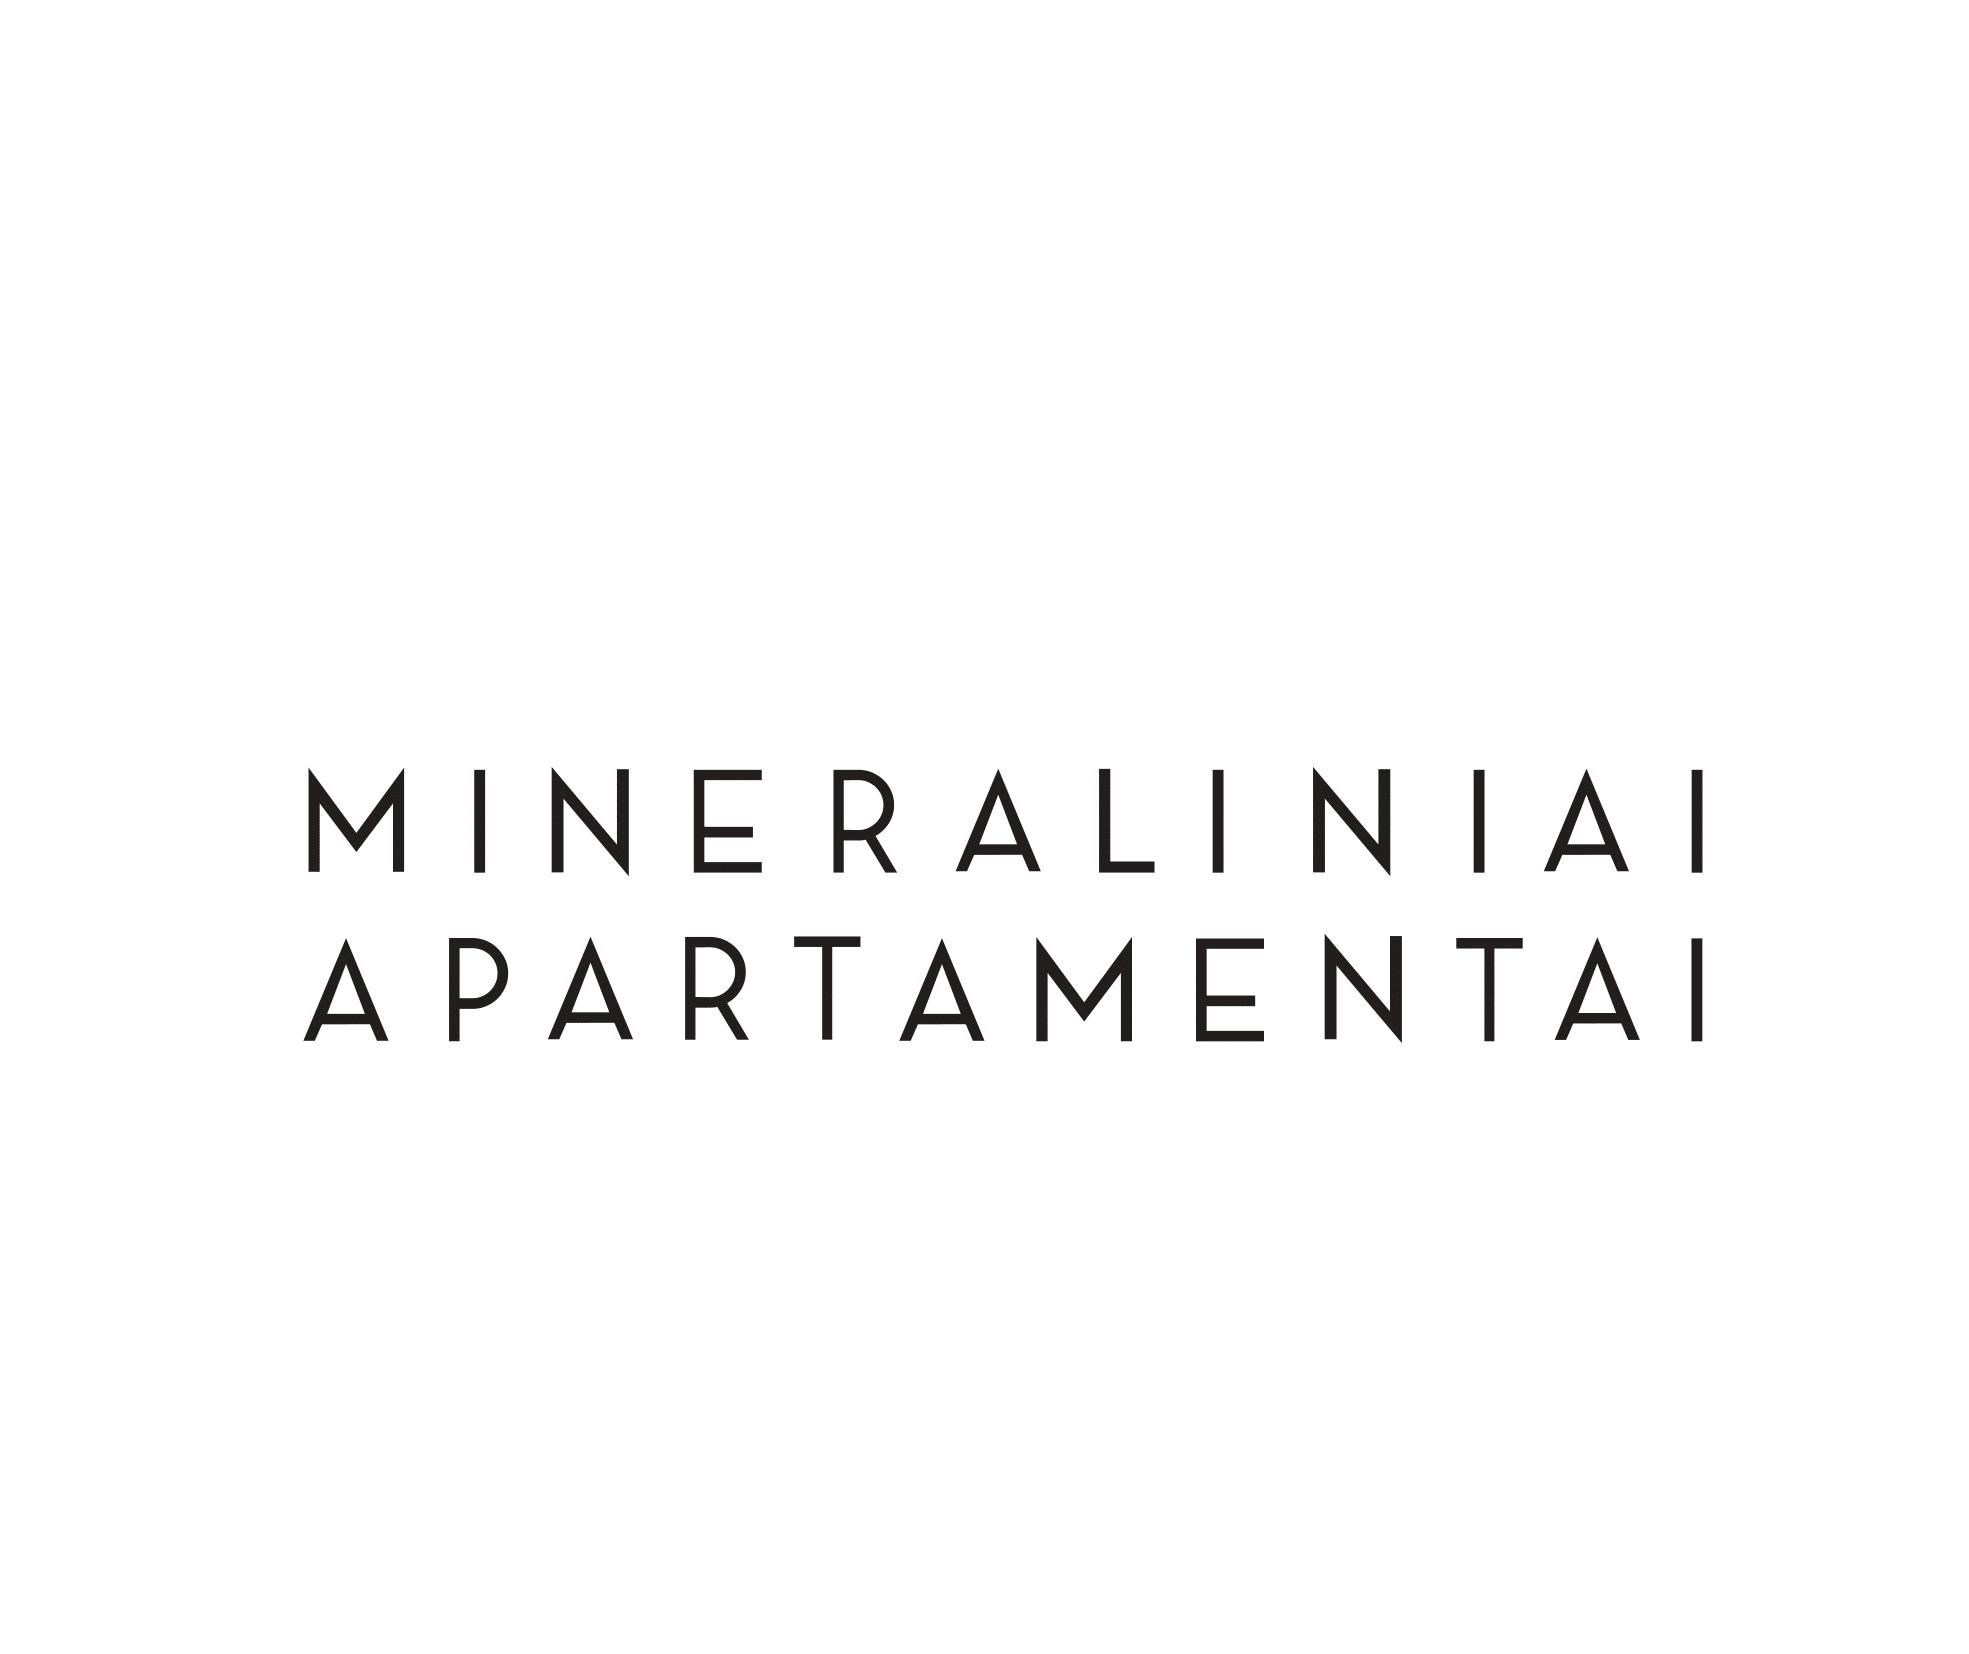 Mineraliniai Apartamentai